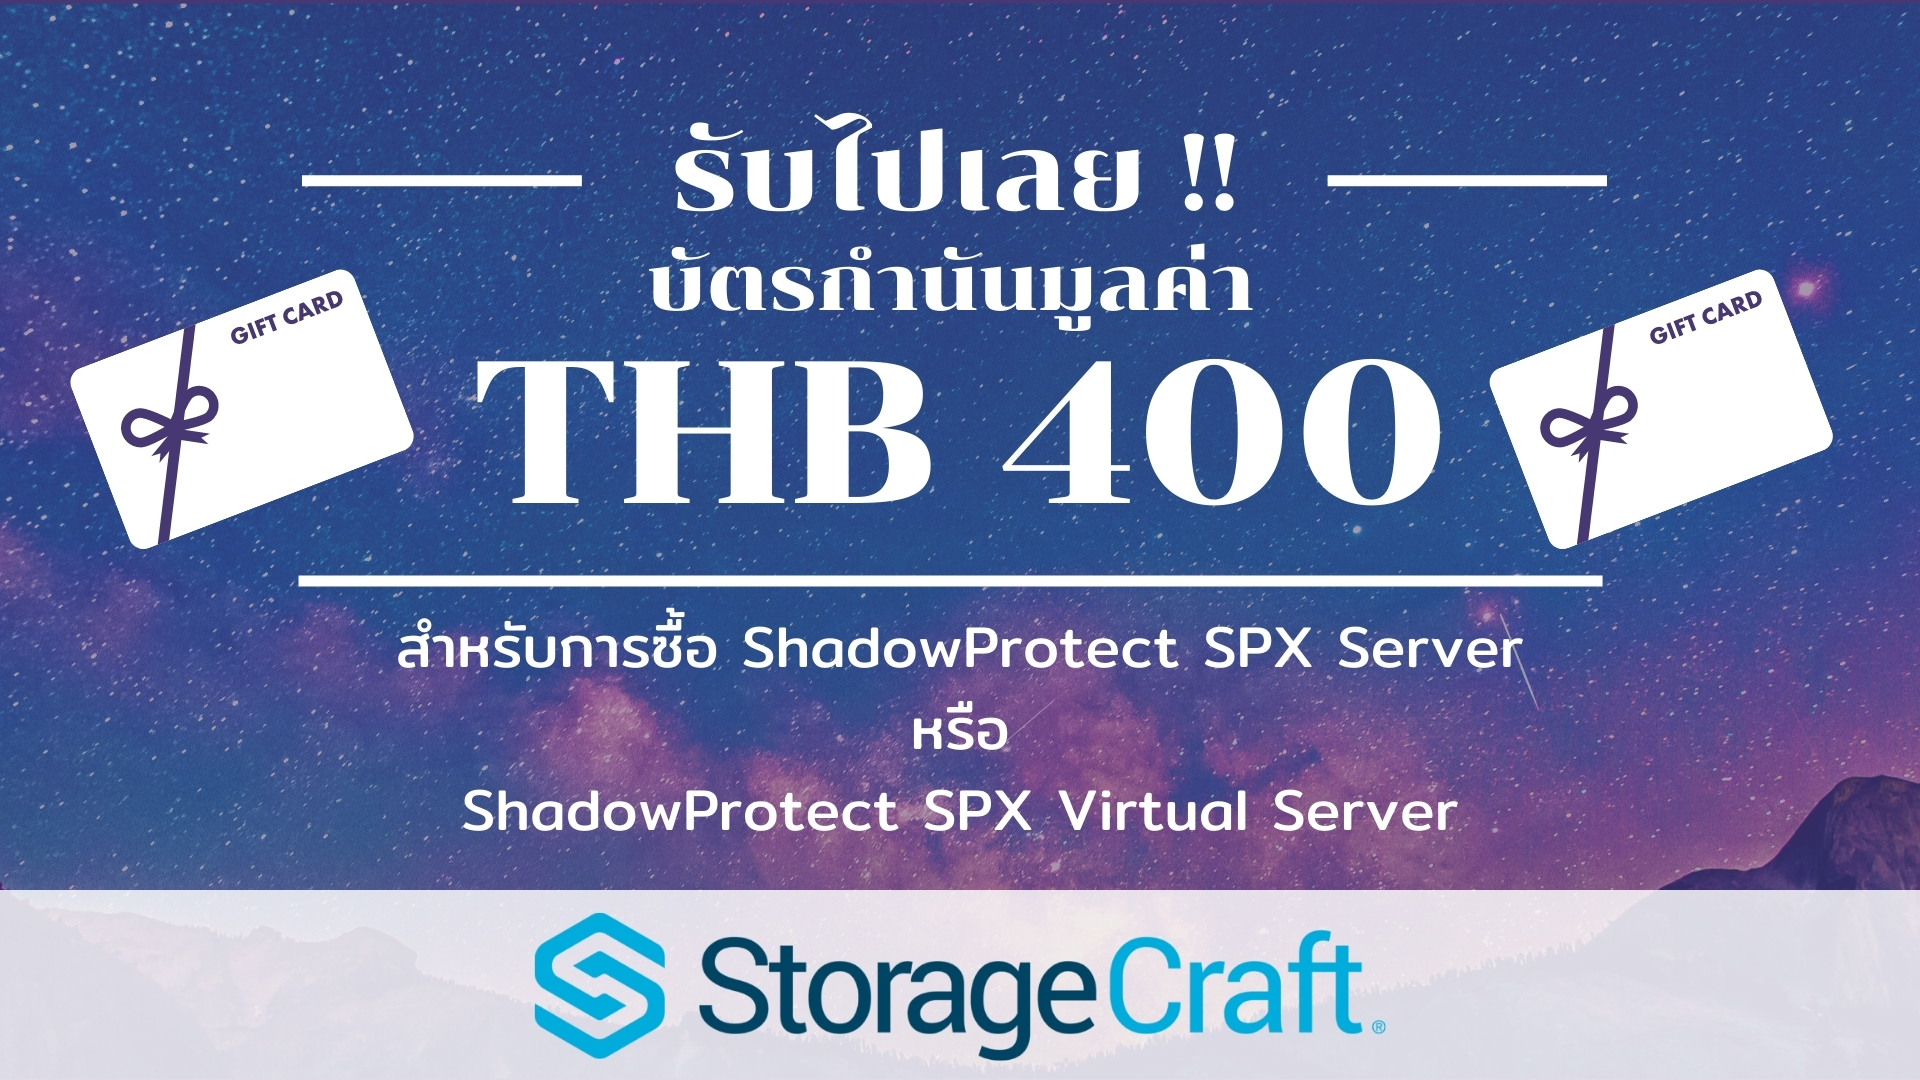 StoageCraft Promo THB 400